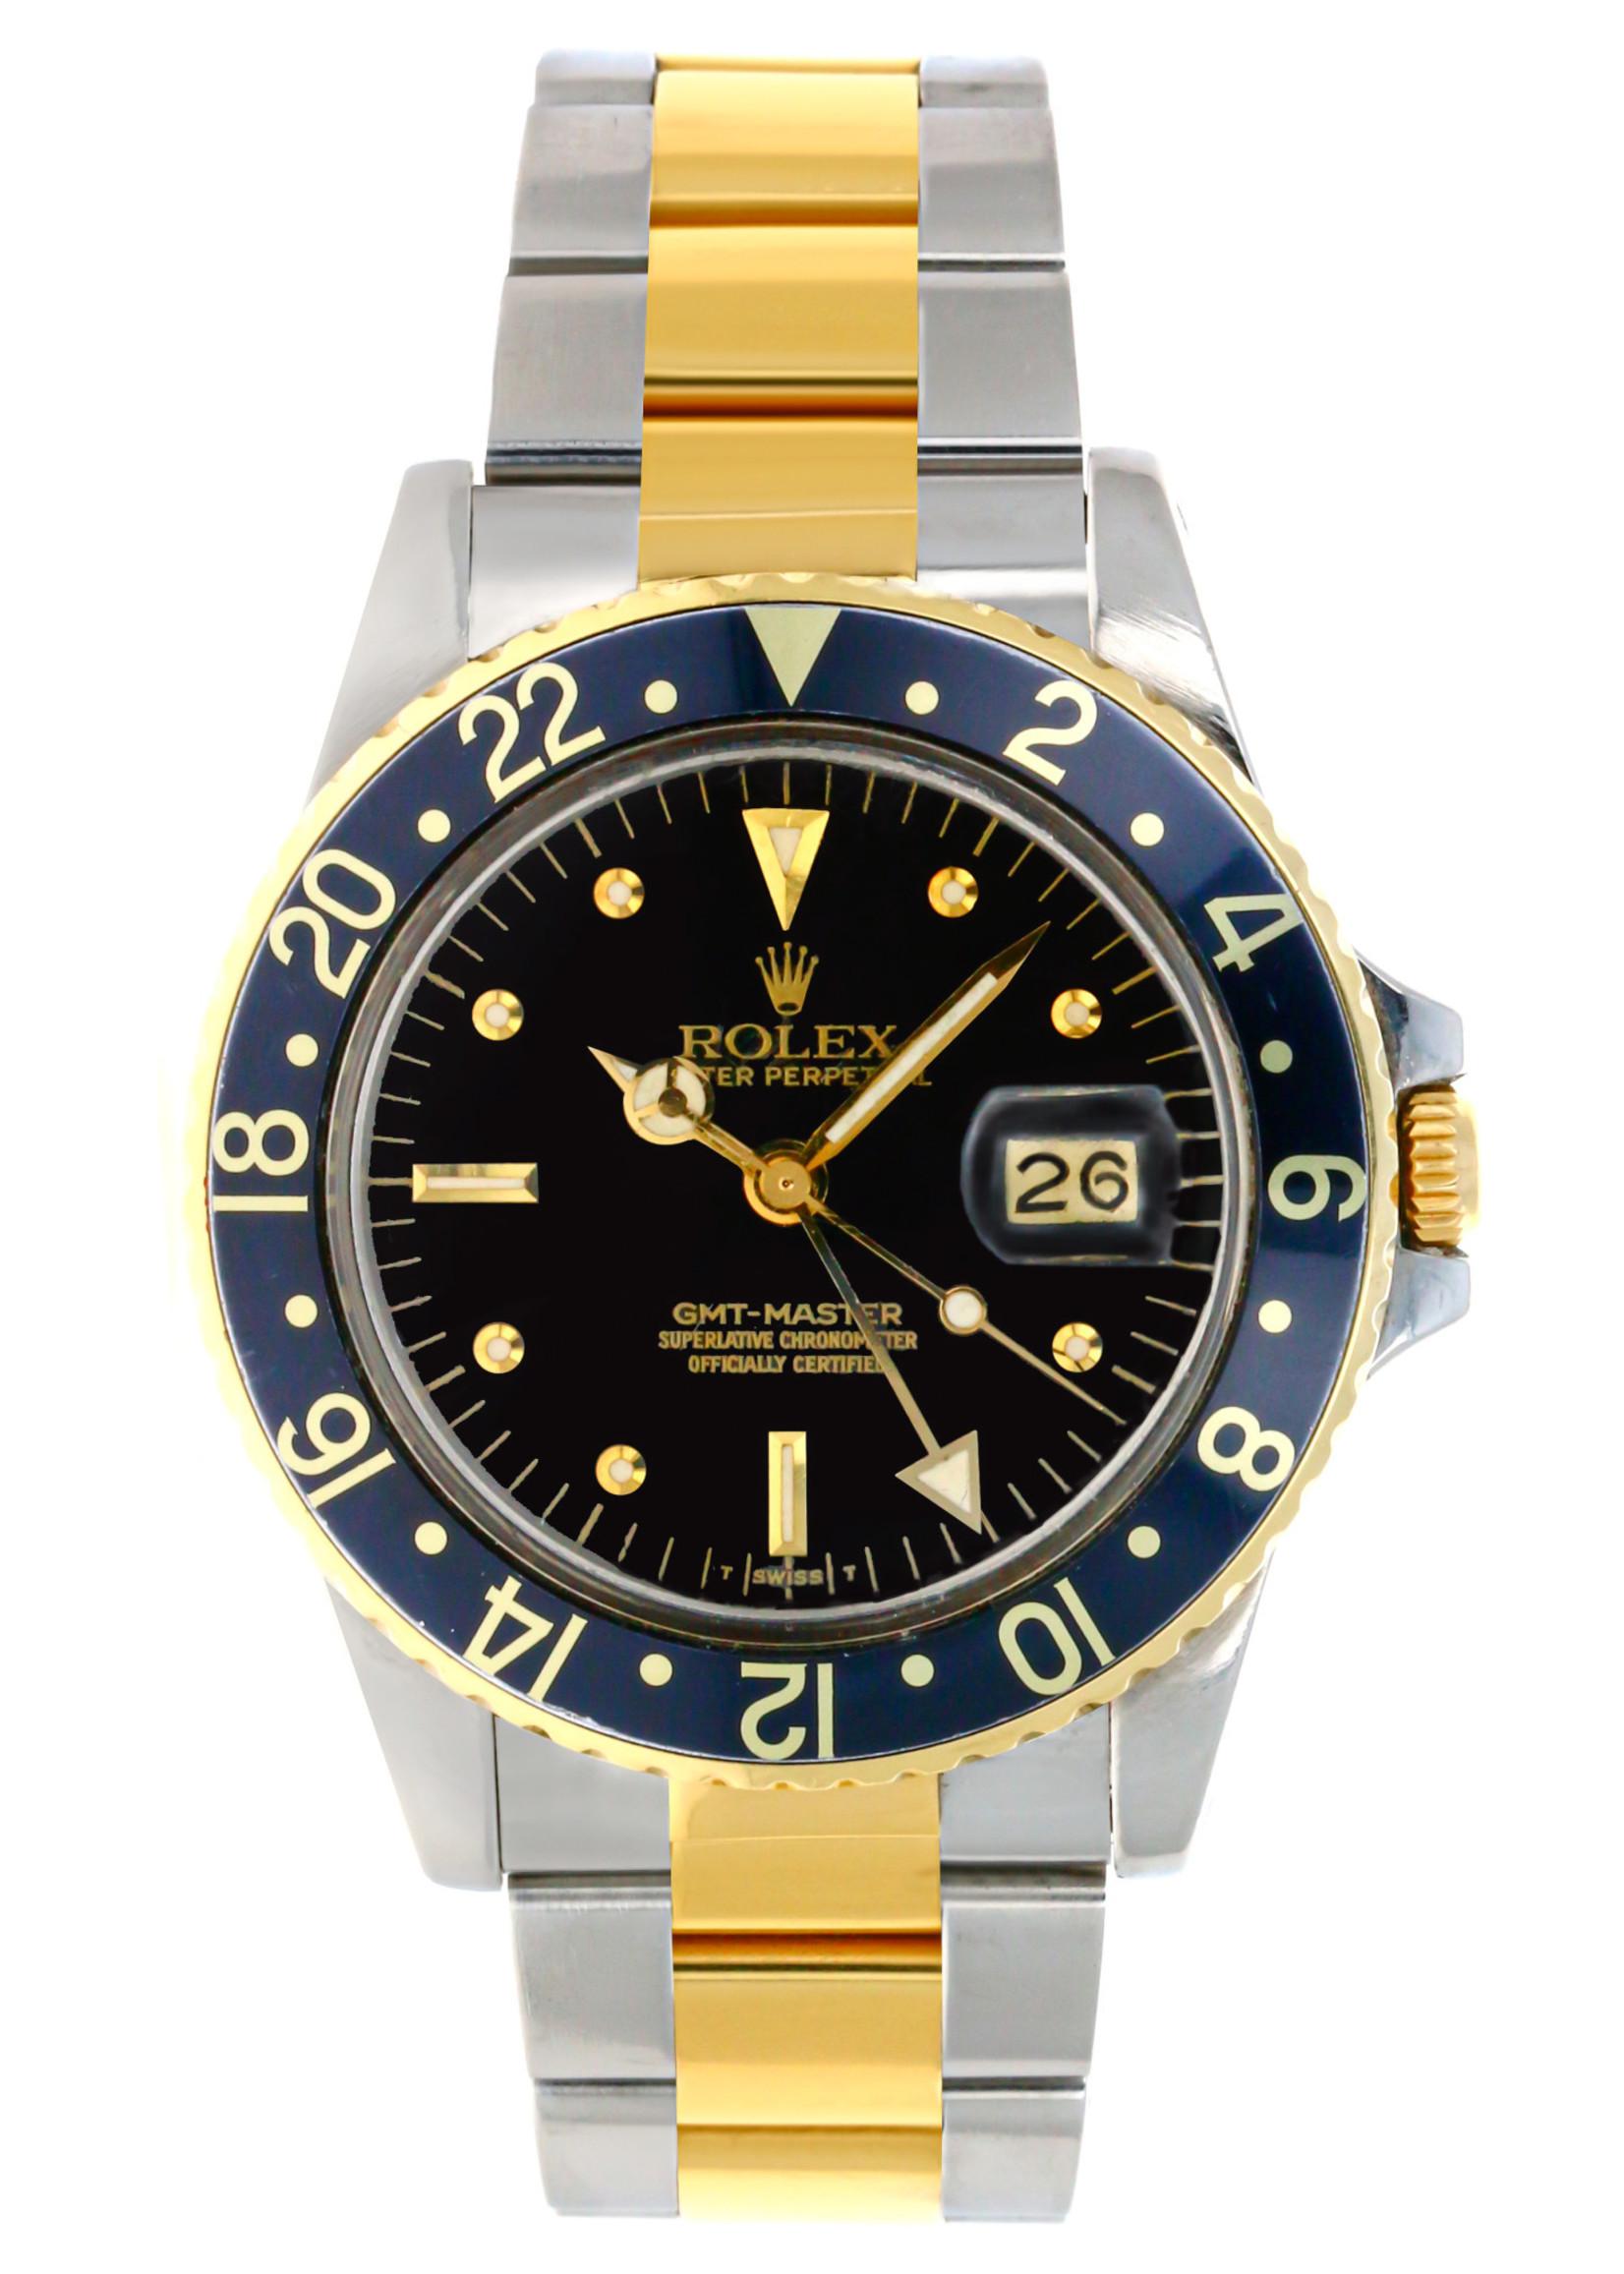 Rolex Watches ROLEX GMT-MASTER 40MM #16753  (1980)